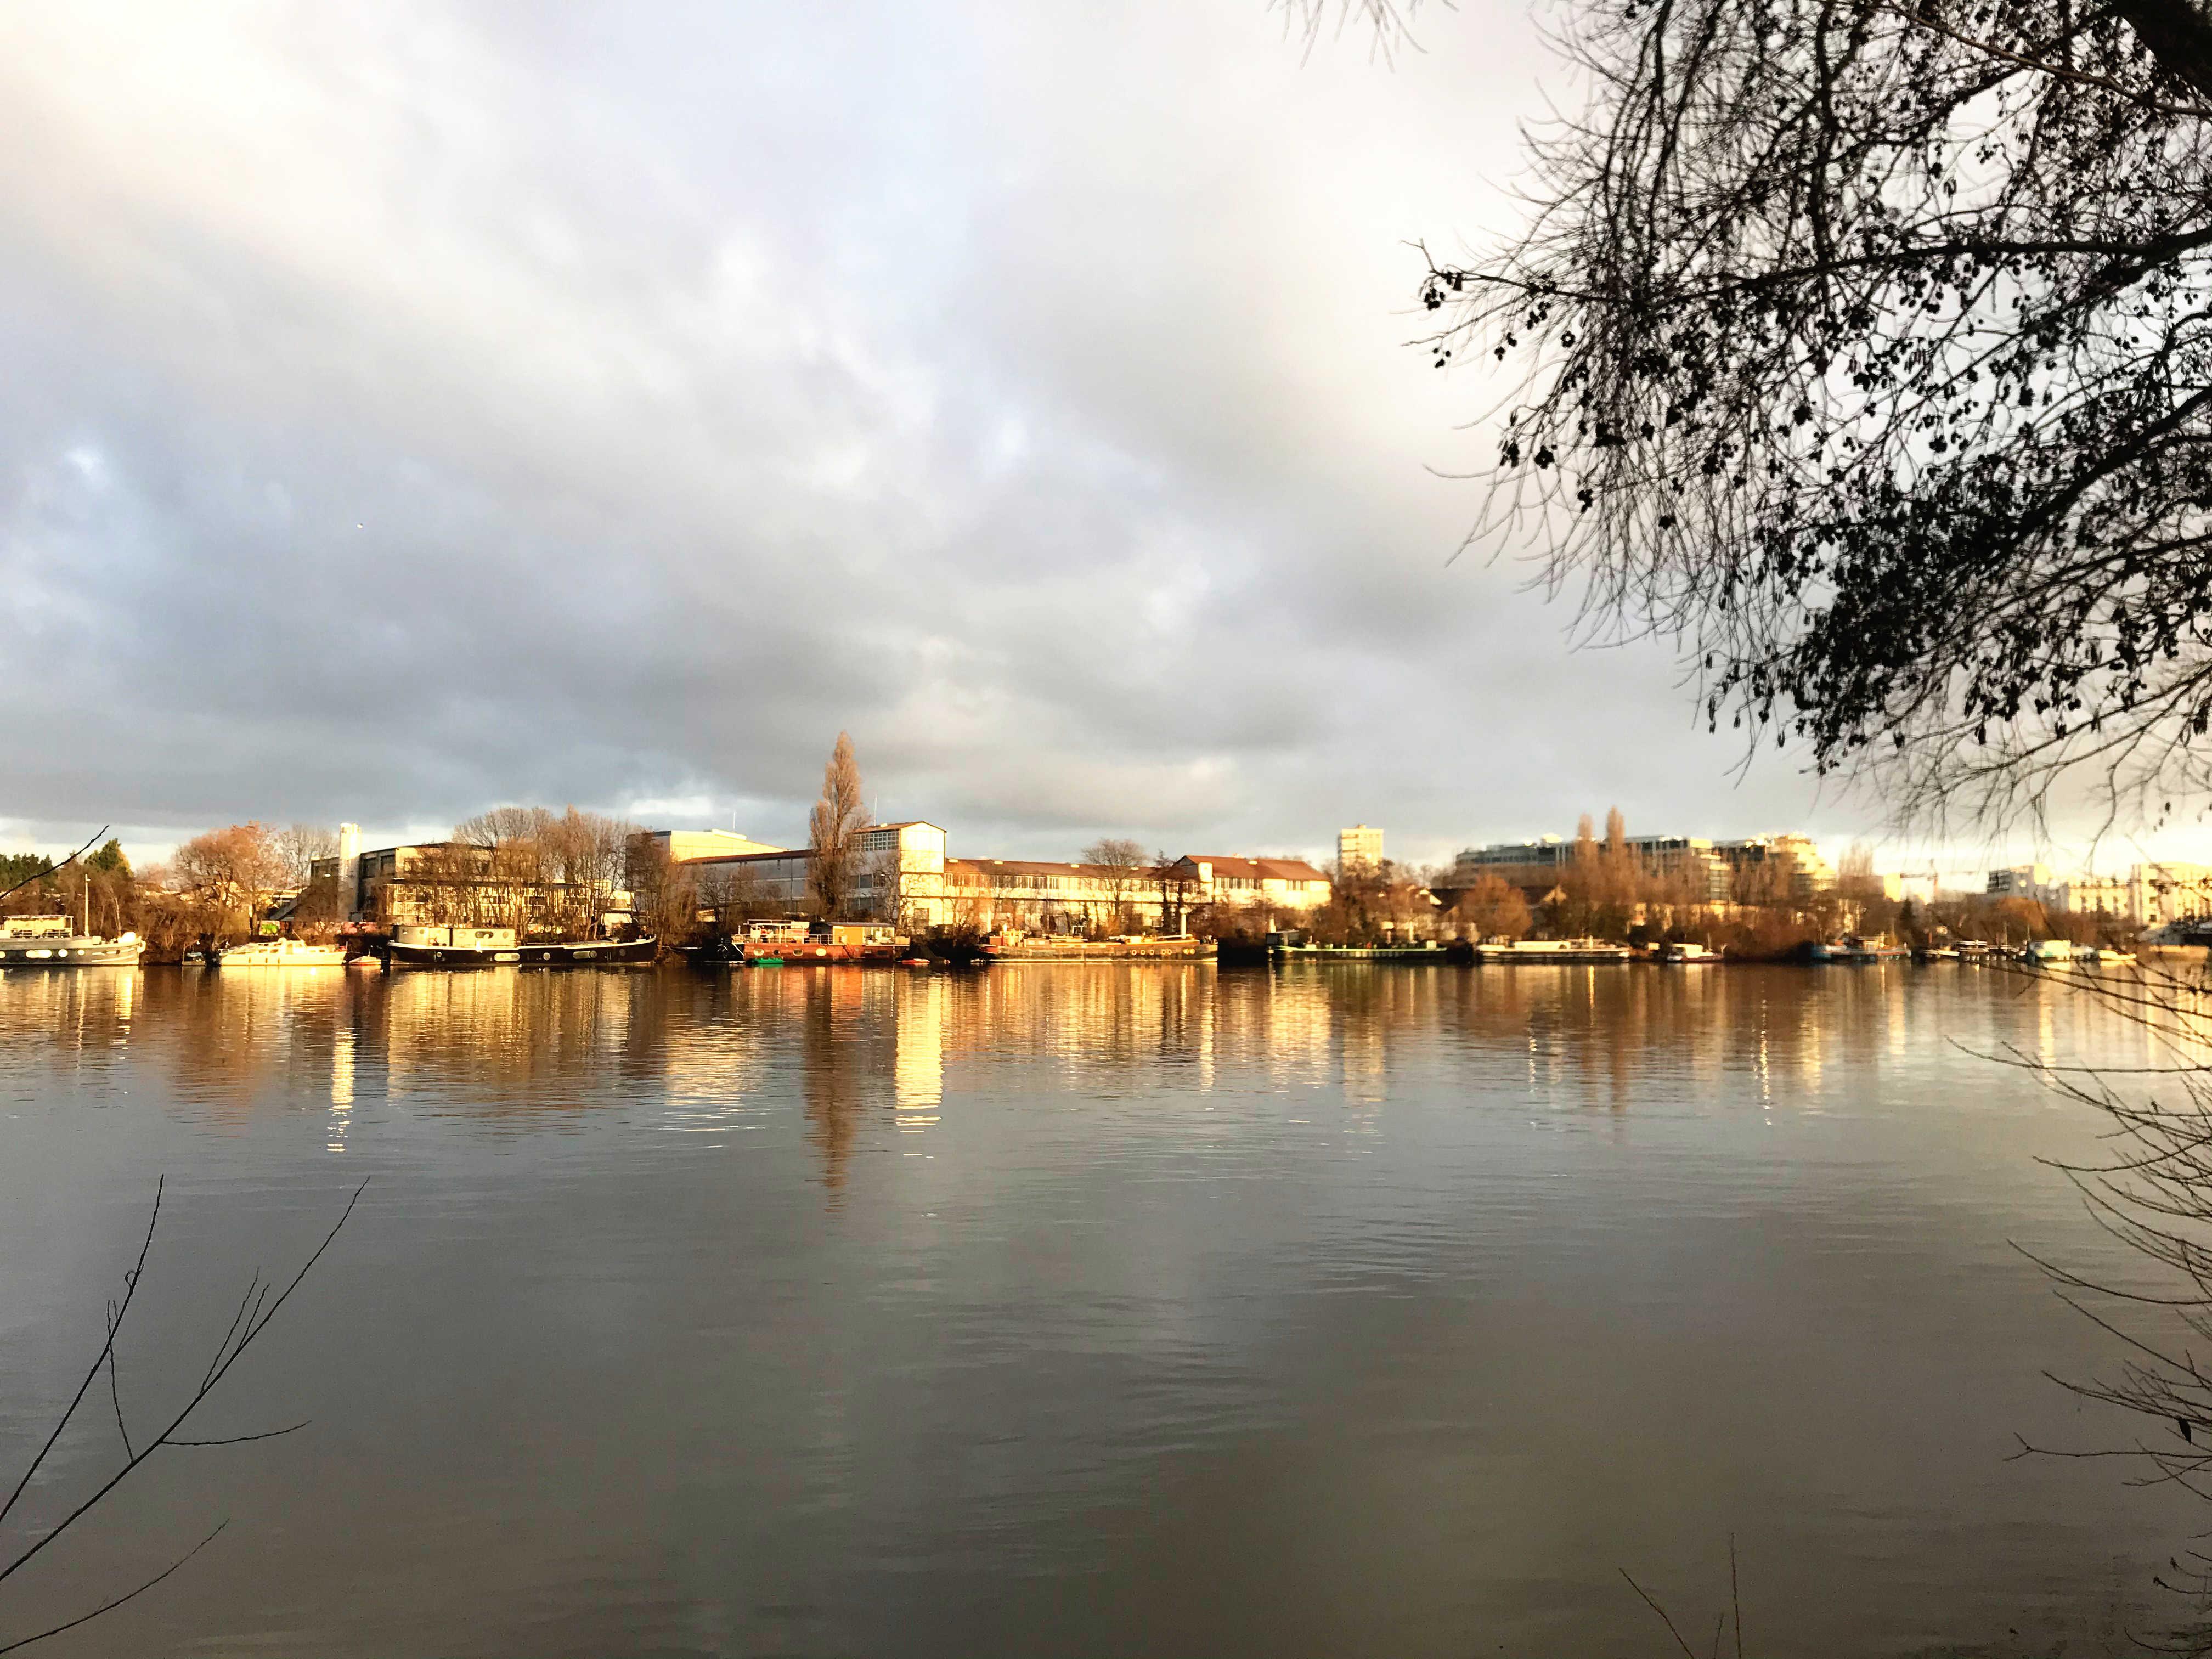 Bezons sur la Seine